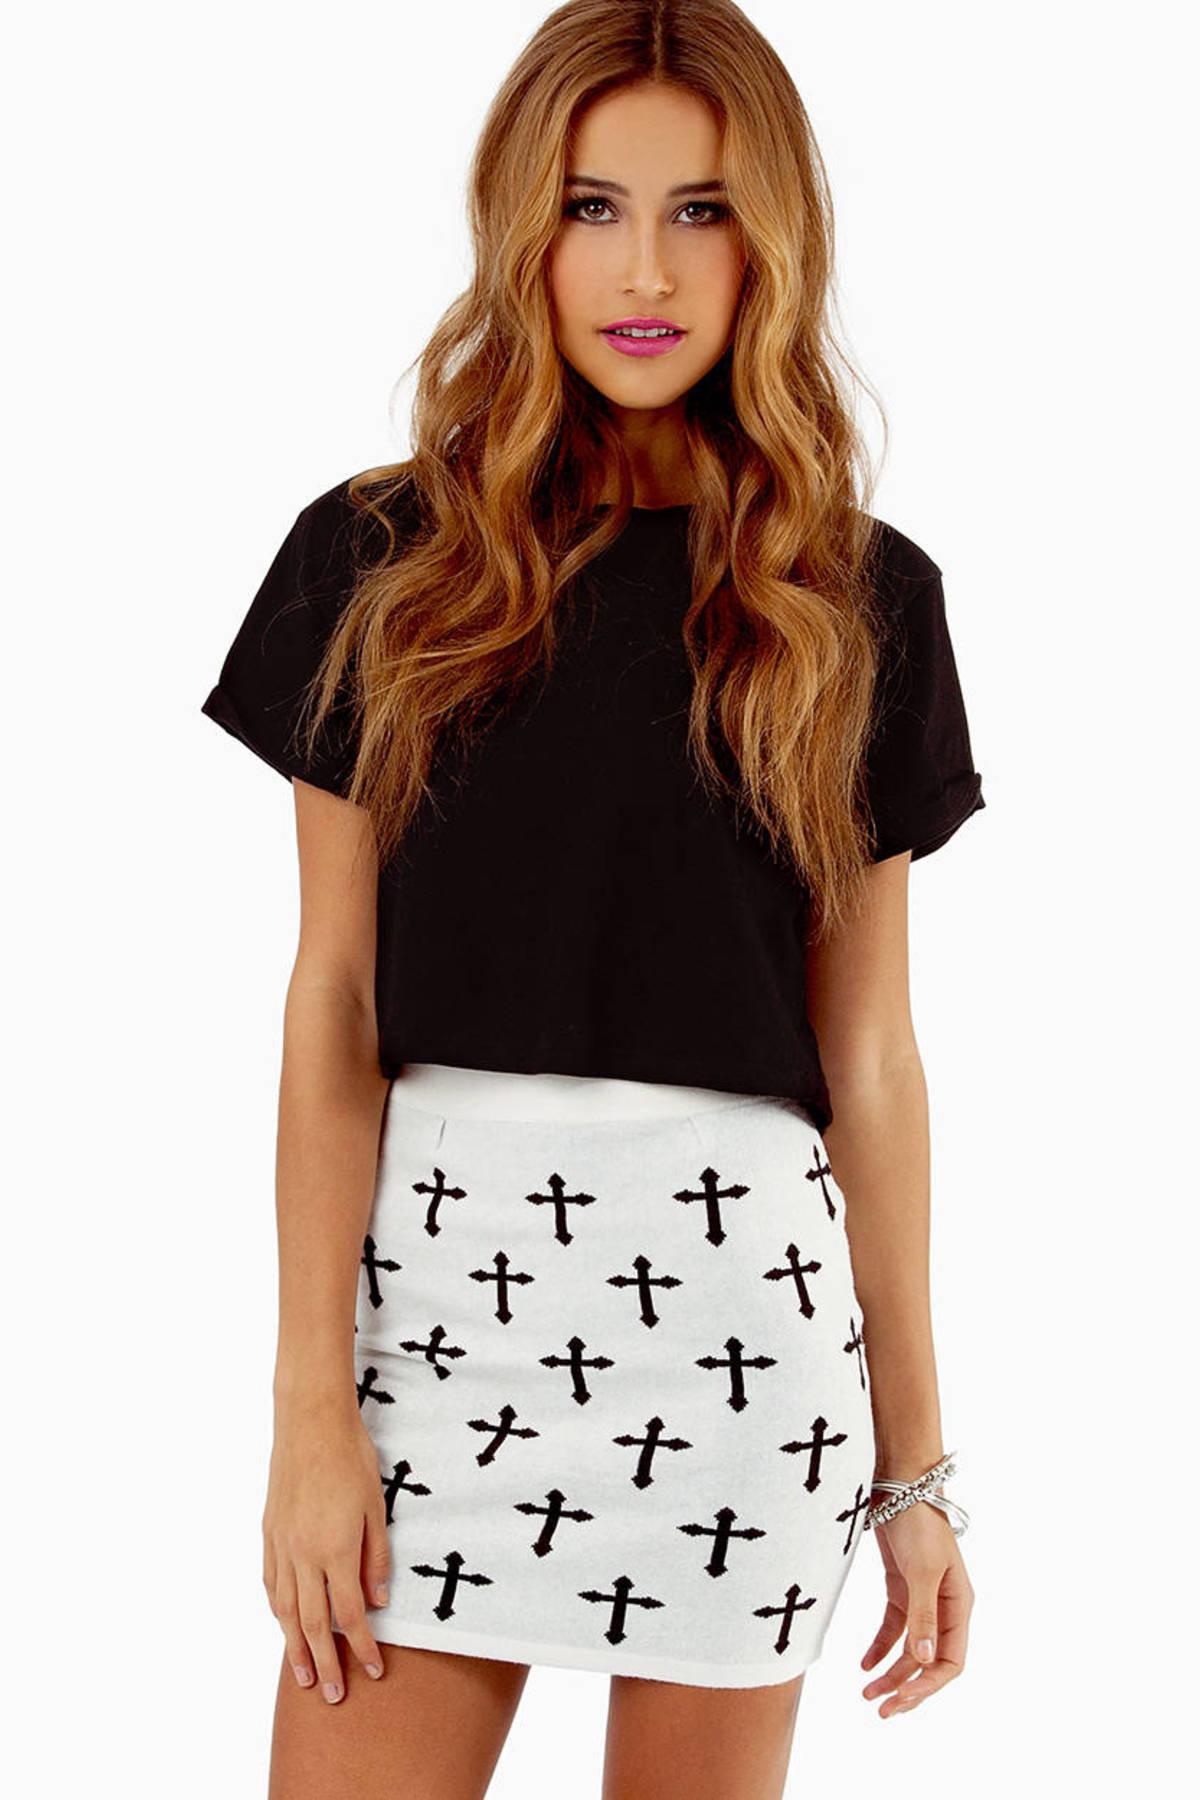 Trendy Cream Skirt - White Skirt - High Waisted Skirt - $10.00